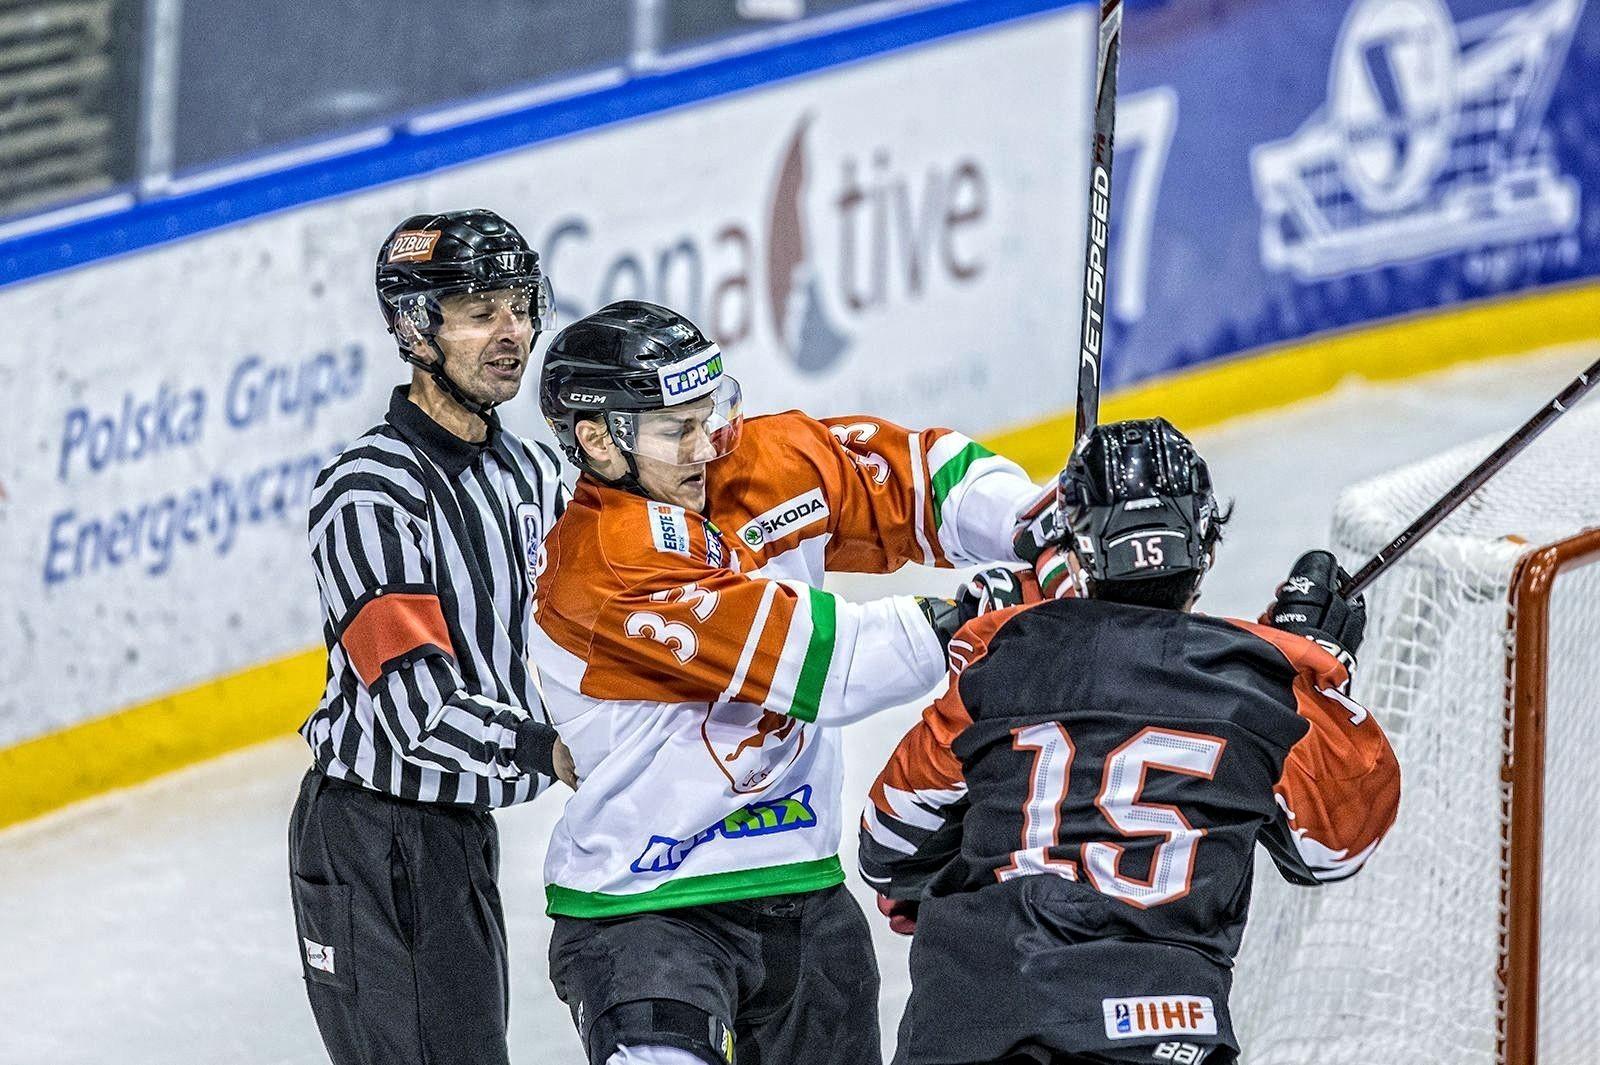 reprezentacja polski w hokeju019